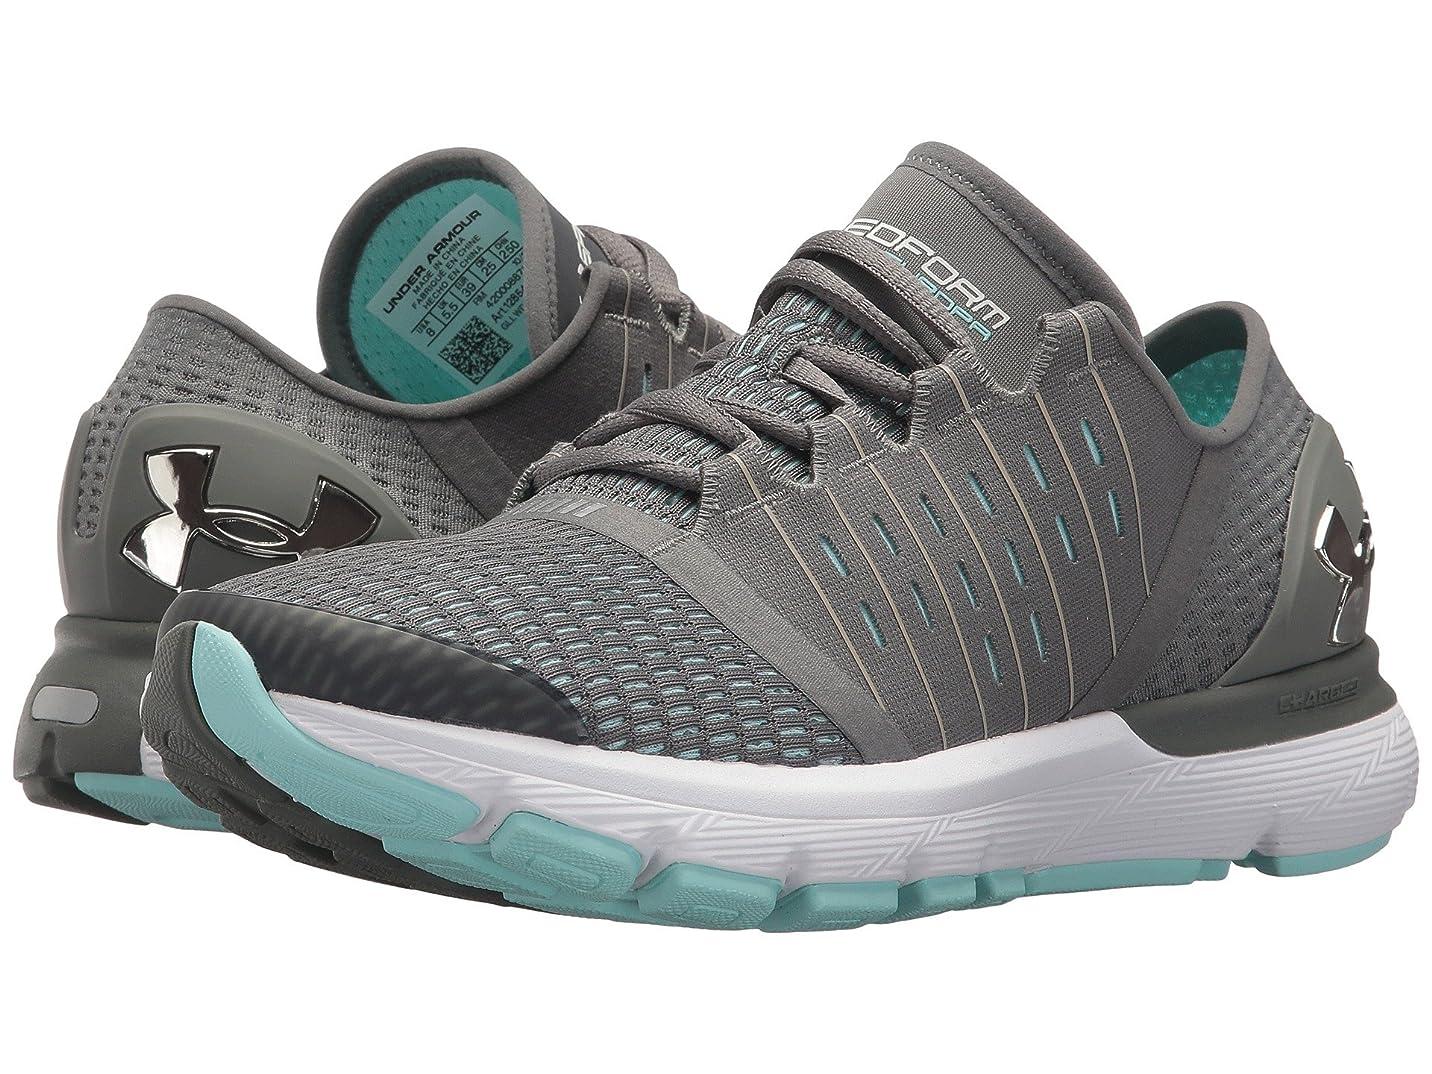 文維持ぼかす(アンダーアーマー) UNDER ARMOUR レディースランニングシューズ?スニーカー?靴 UA Speedform Europa Clay Green/Tile Blue/Metallic 7.5 (24.5cm) B - Medium